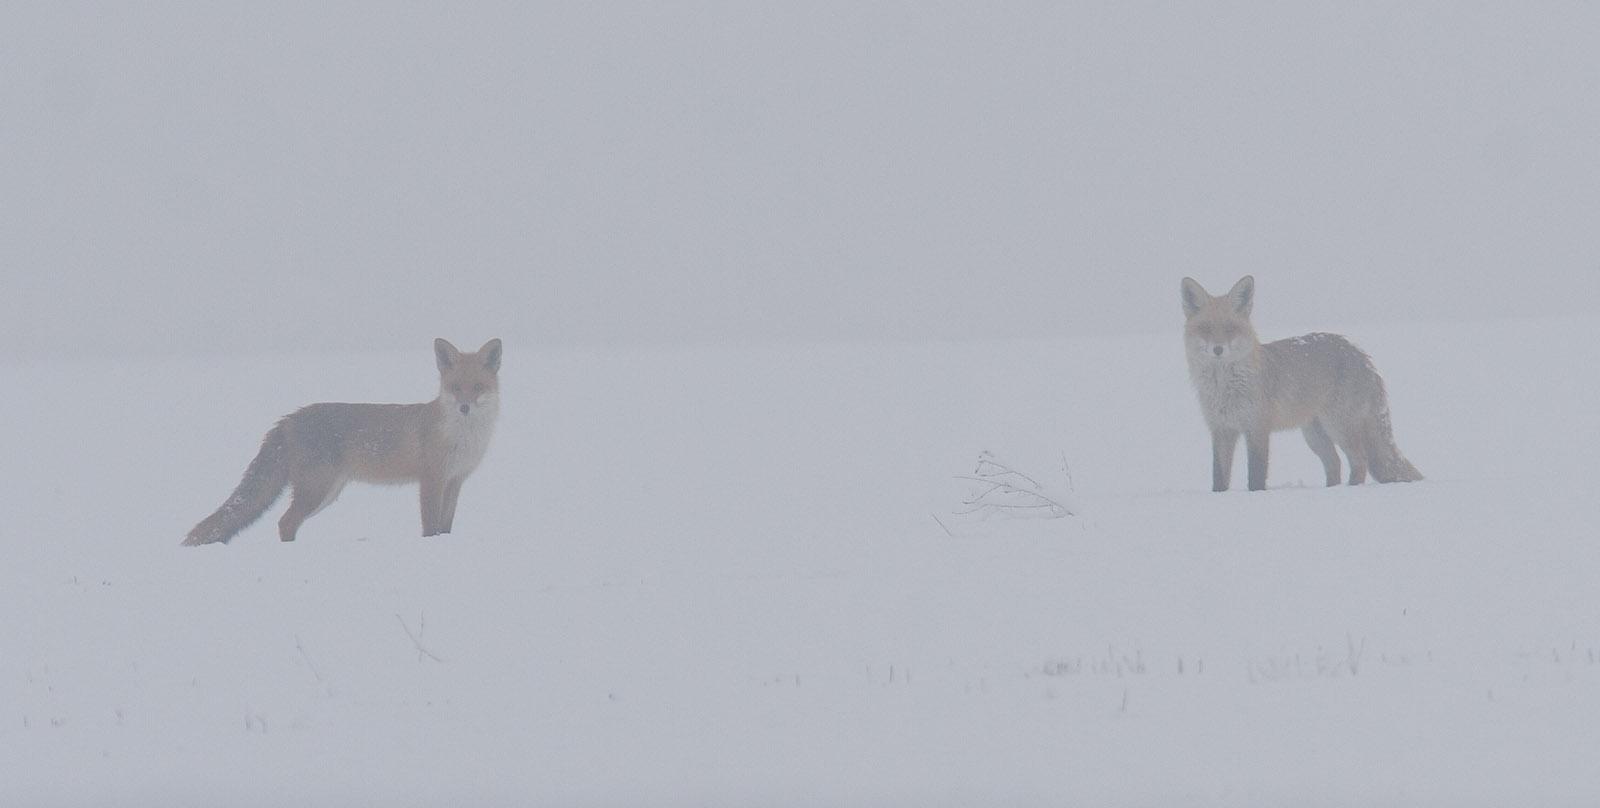 wazige foto van twee vossen in de sneeuw